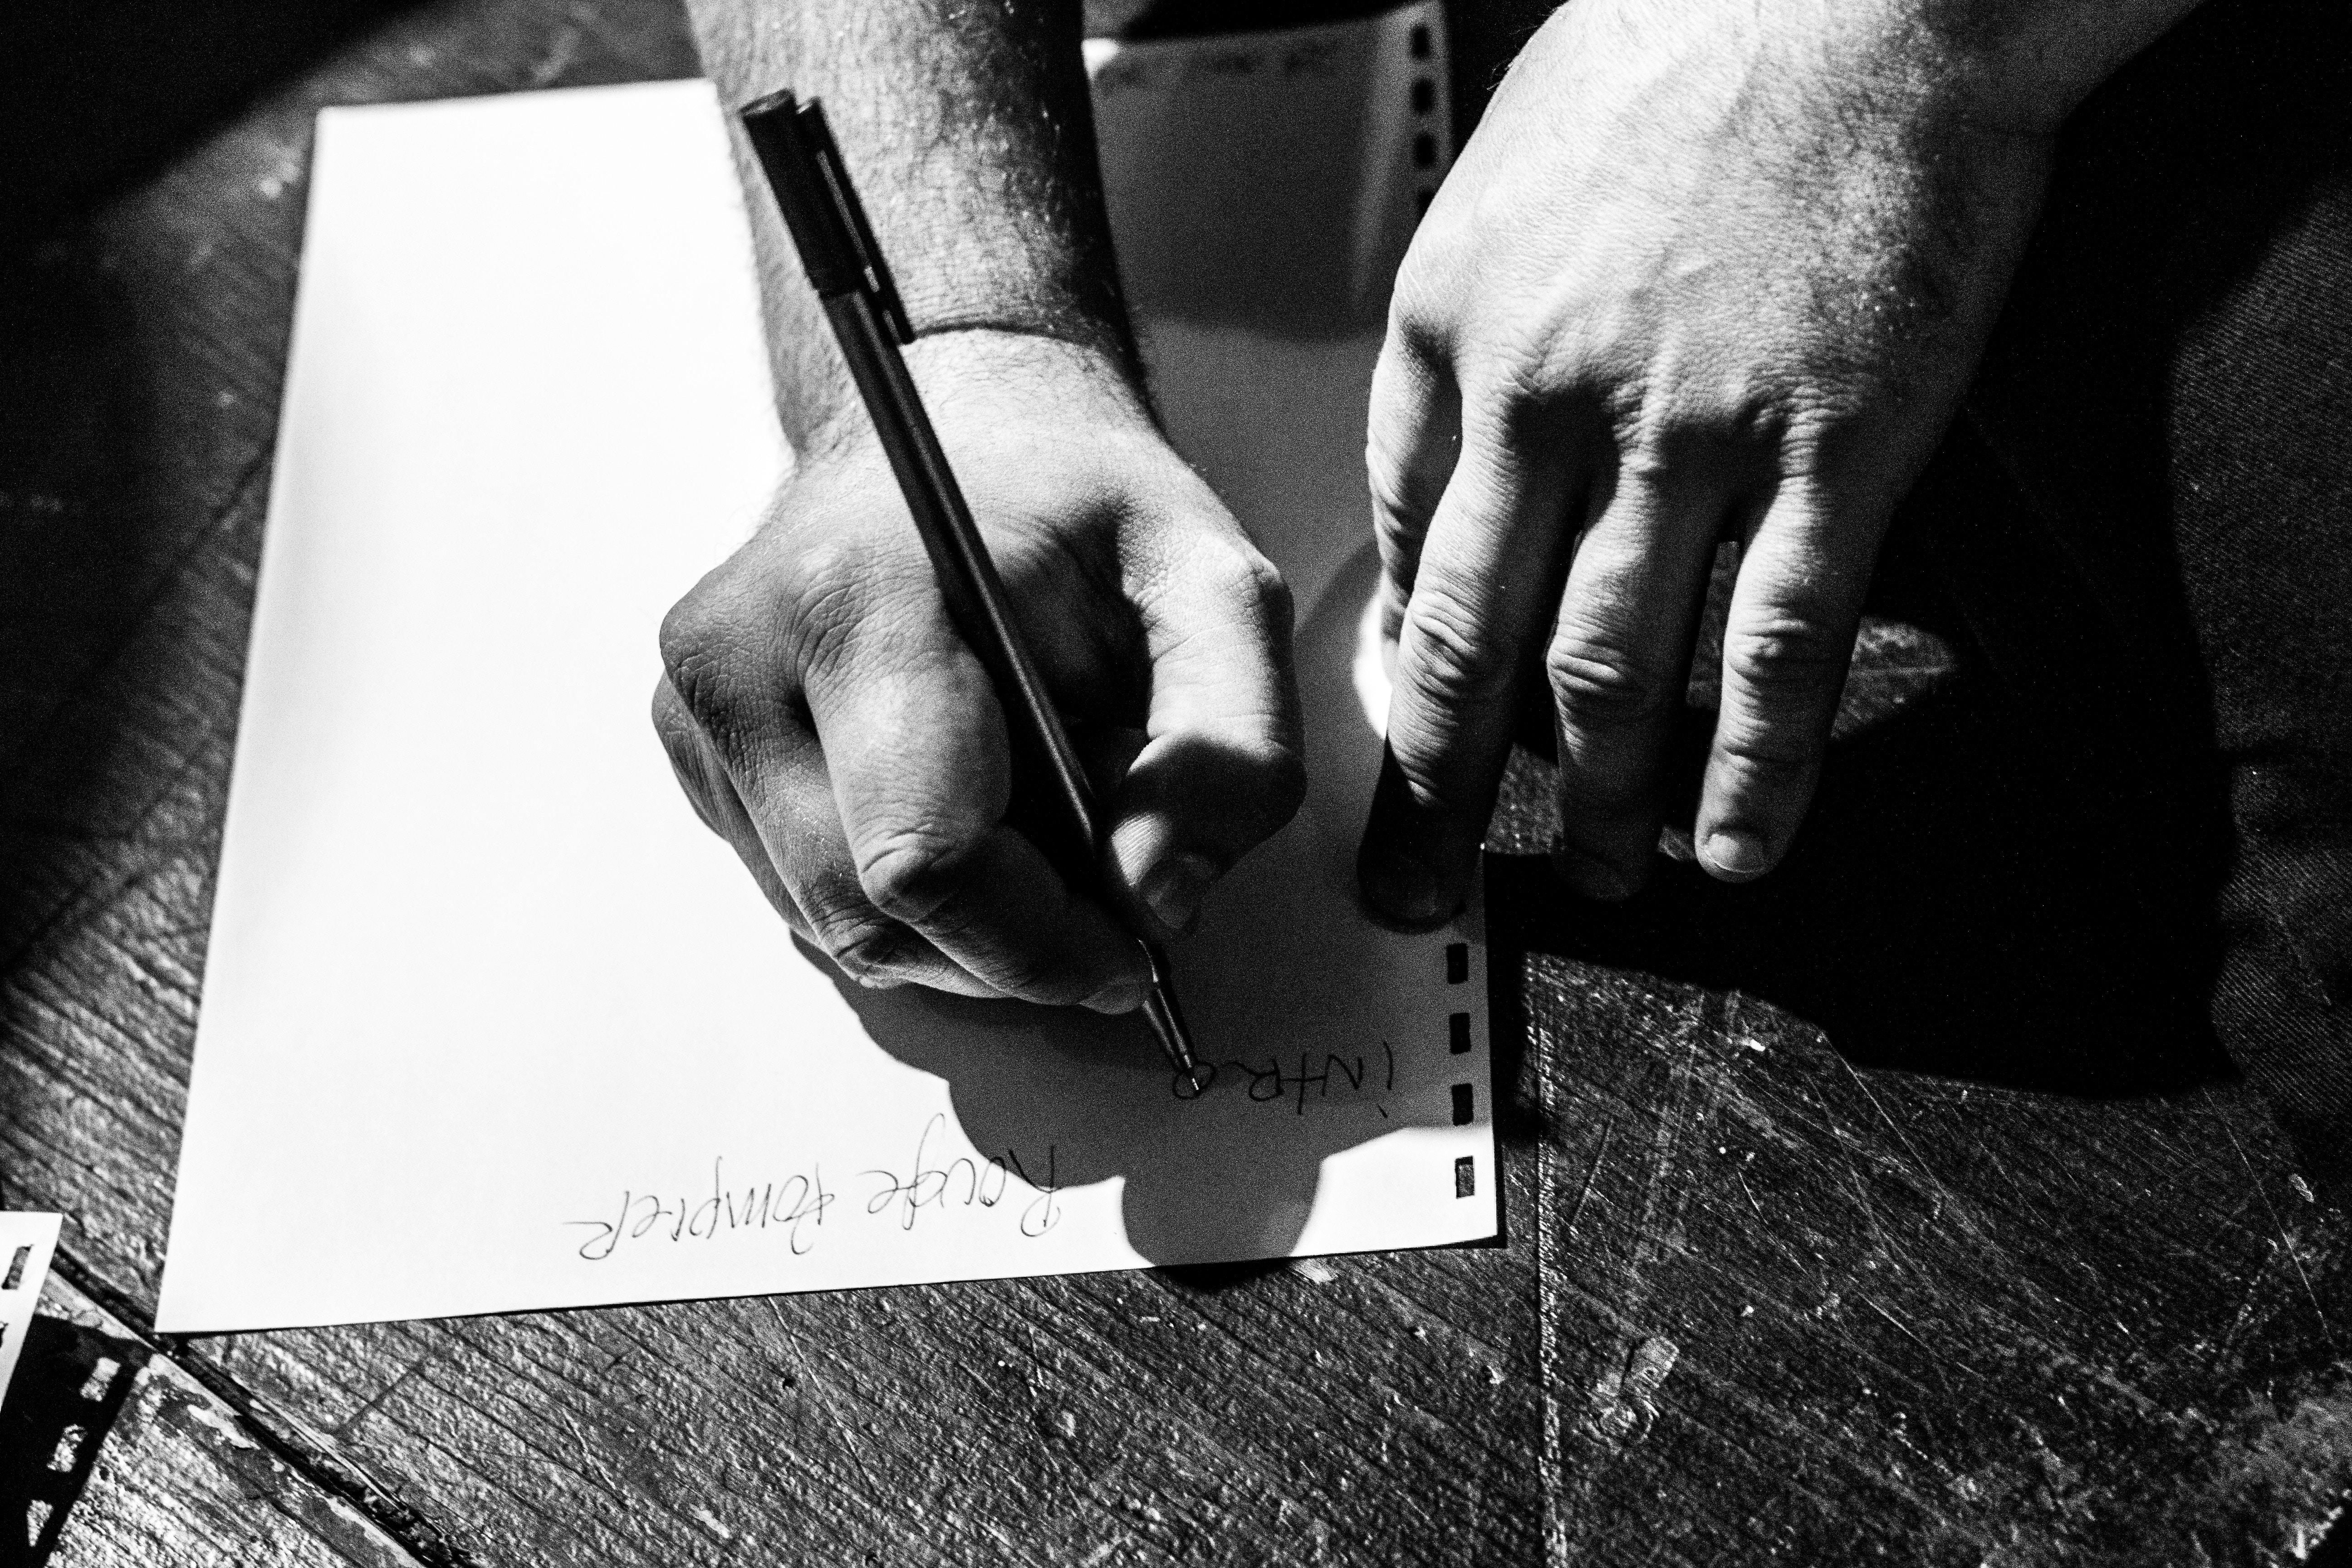 Free Unsplash photo from Frédérick Lebel